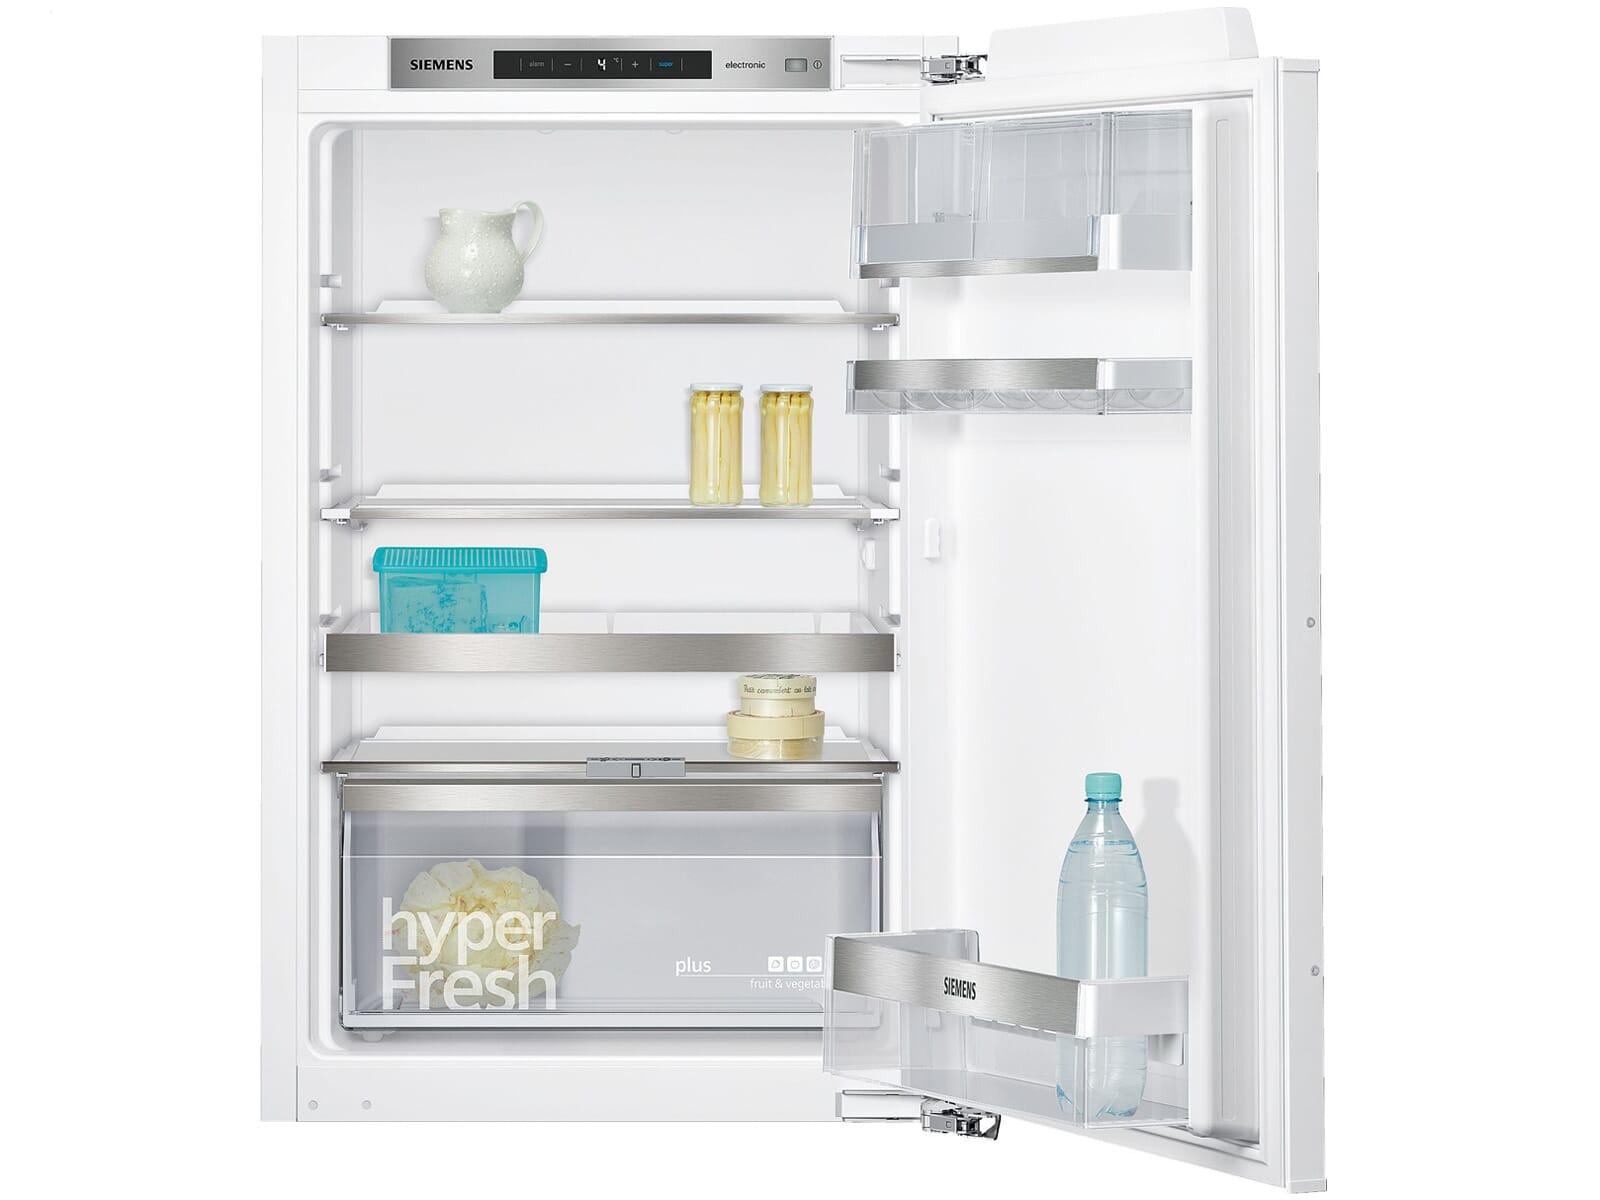 Siemens Kühlschrank Butterfach : Siemens ki rad einbaukühlschrank